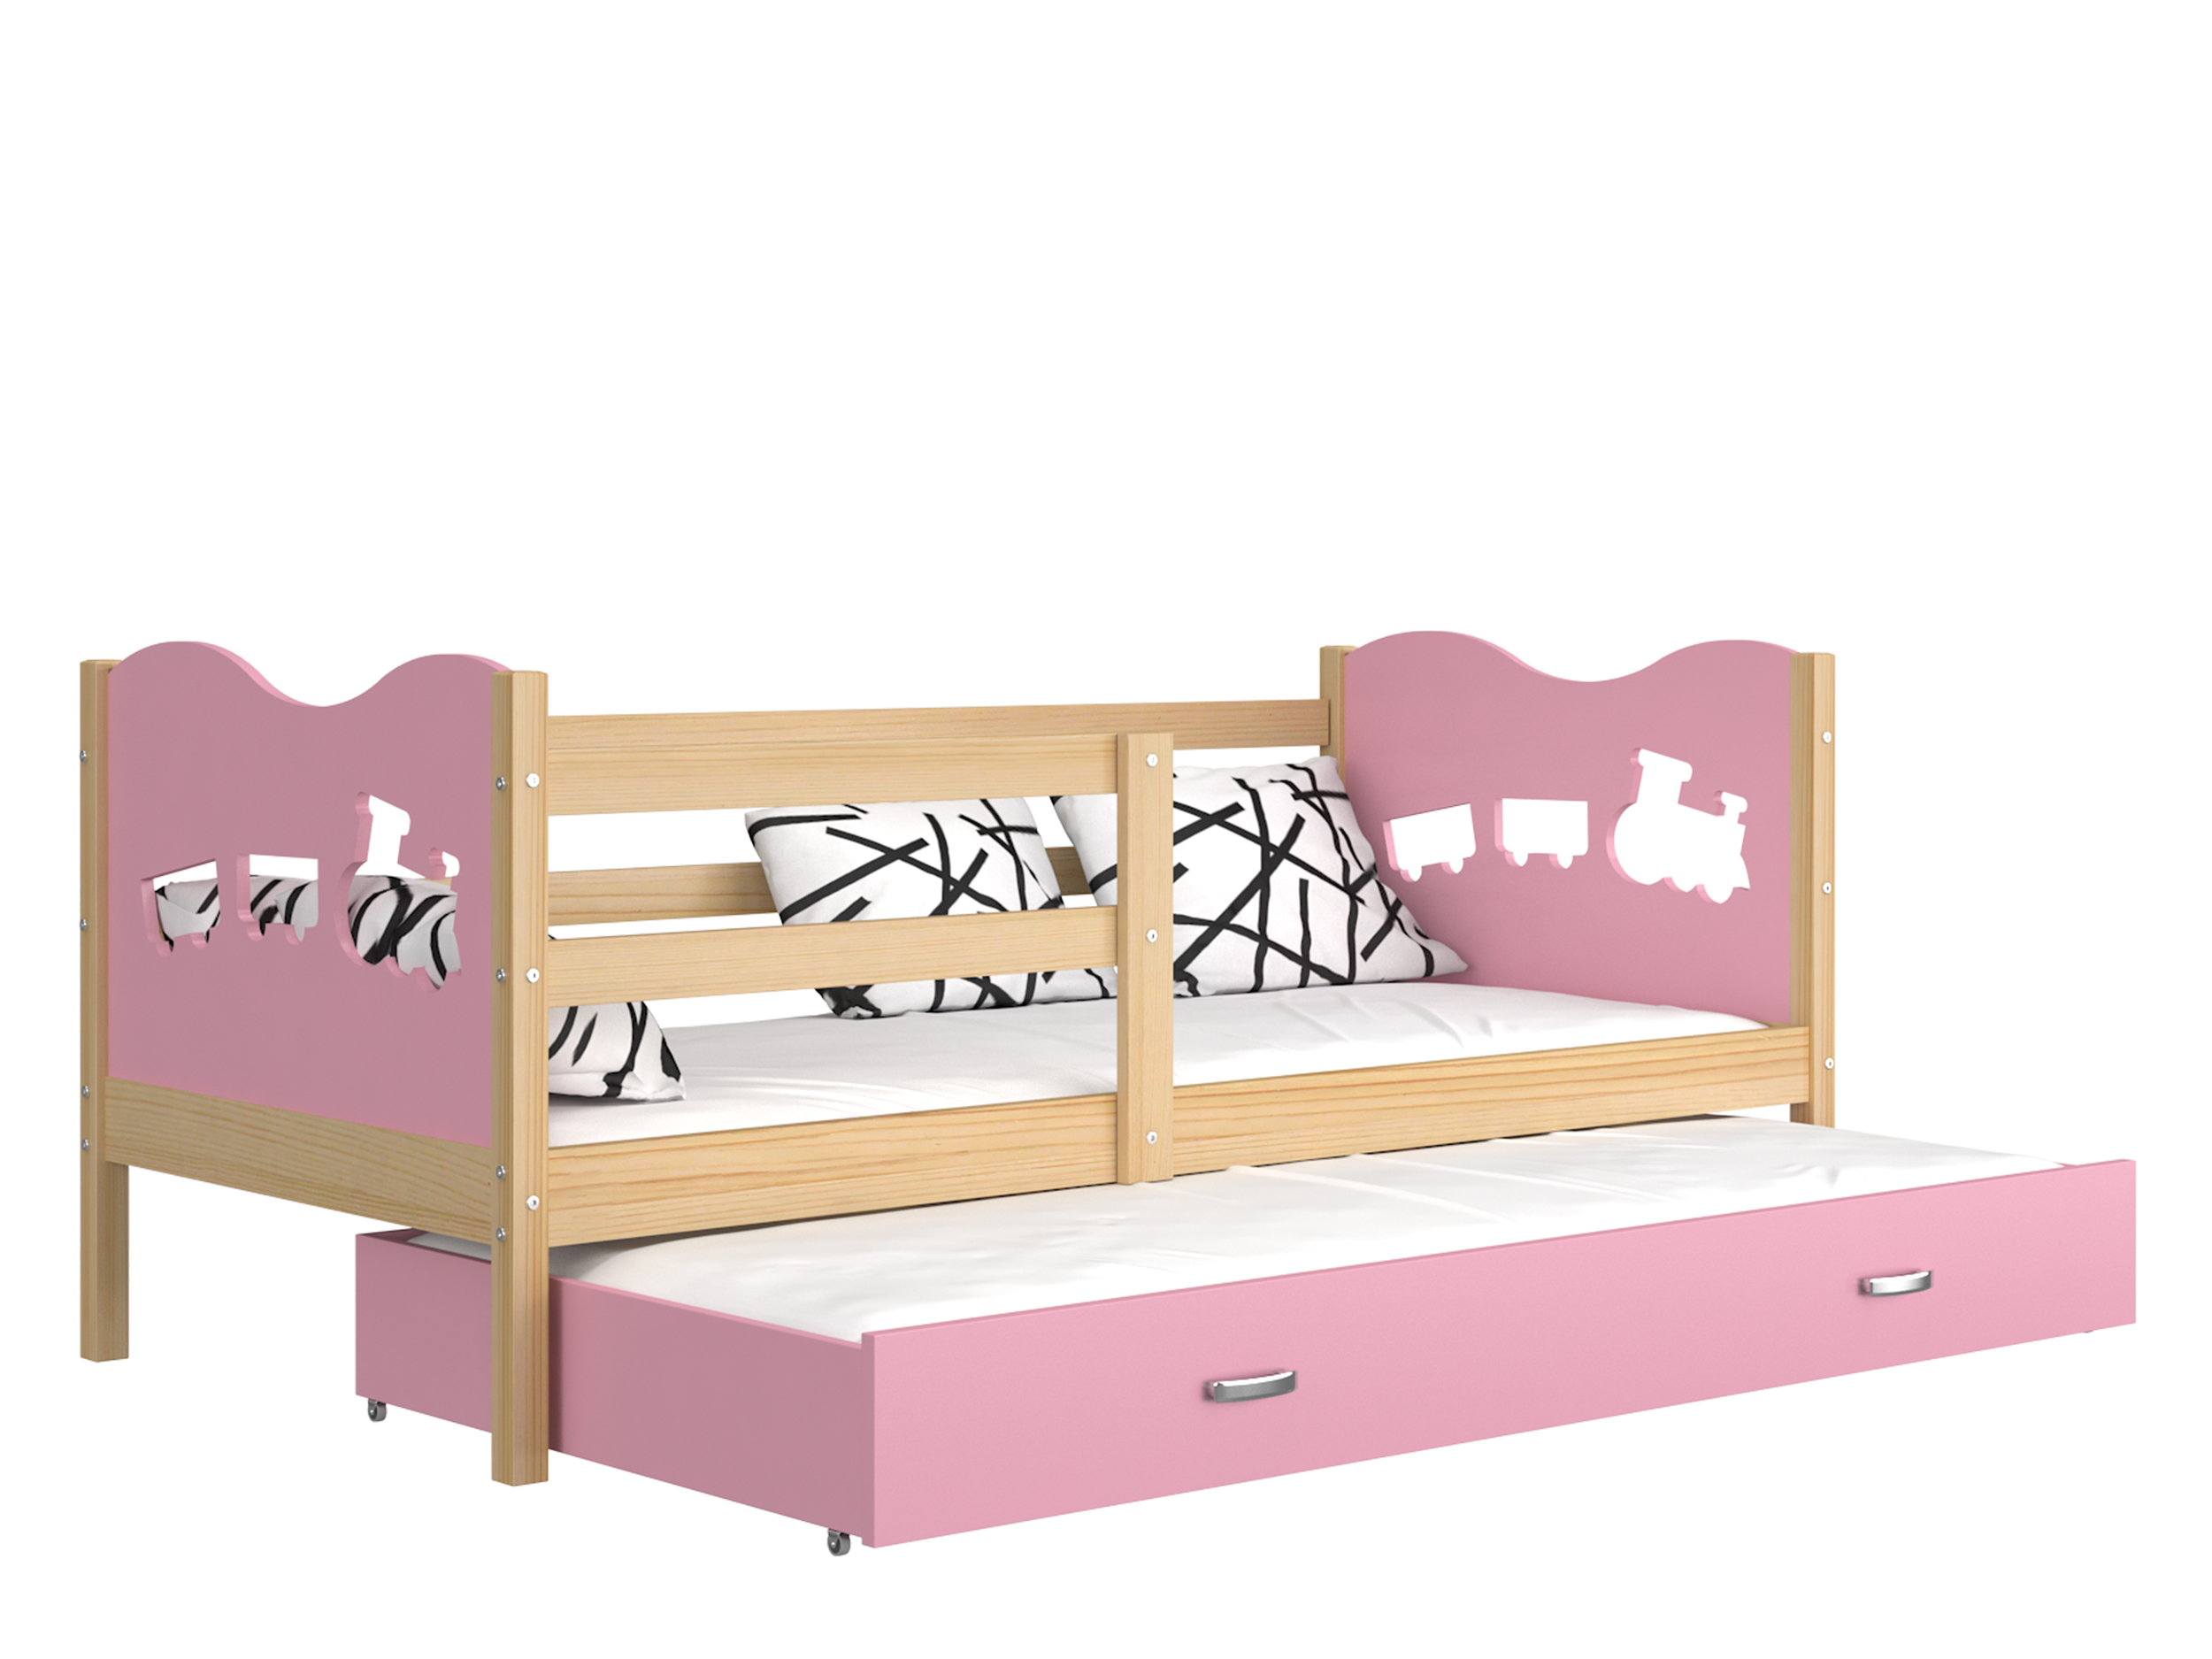 ArtAJ Detská posteľ Max P2 drevo / MDF 190 x 80 cm Max: borovica / ružová s matracom 190 x 80 cm